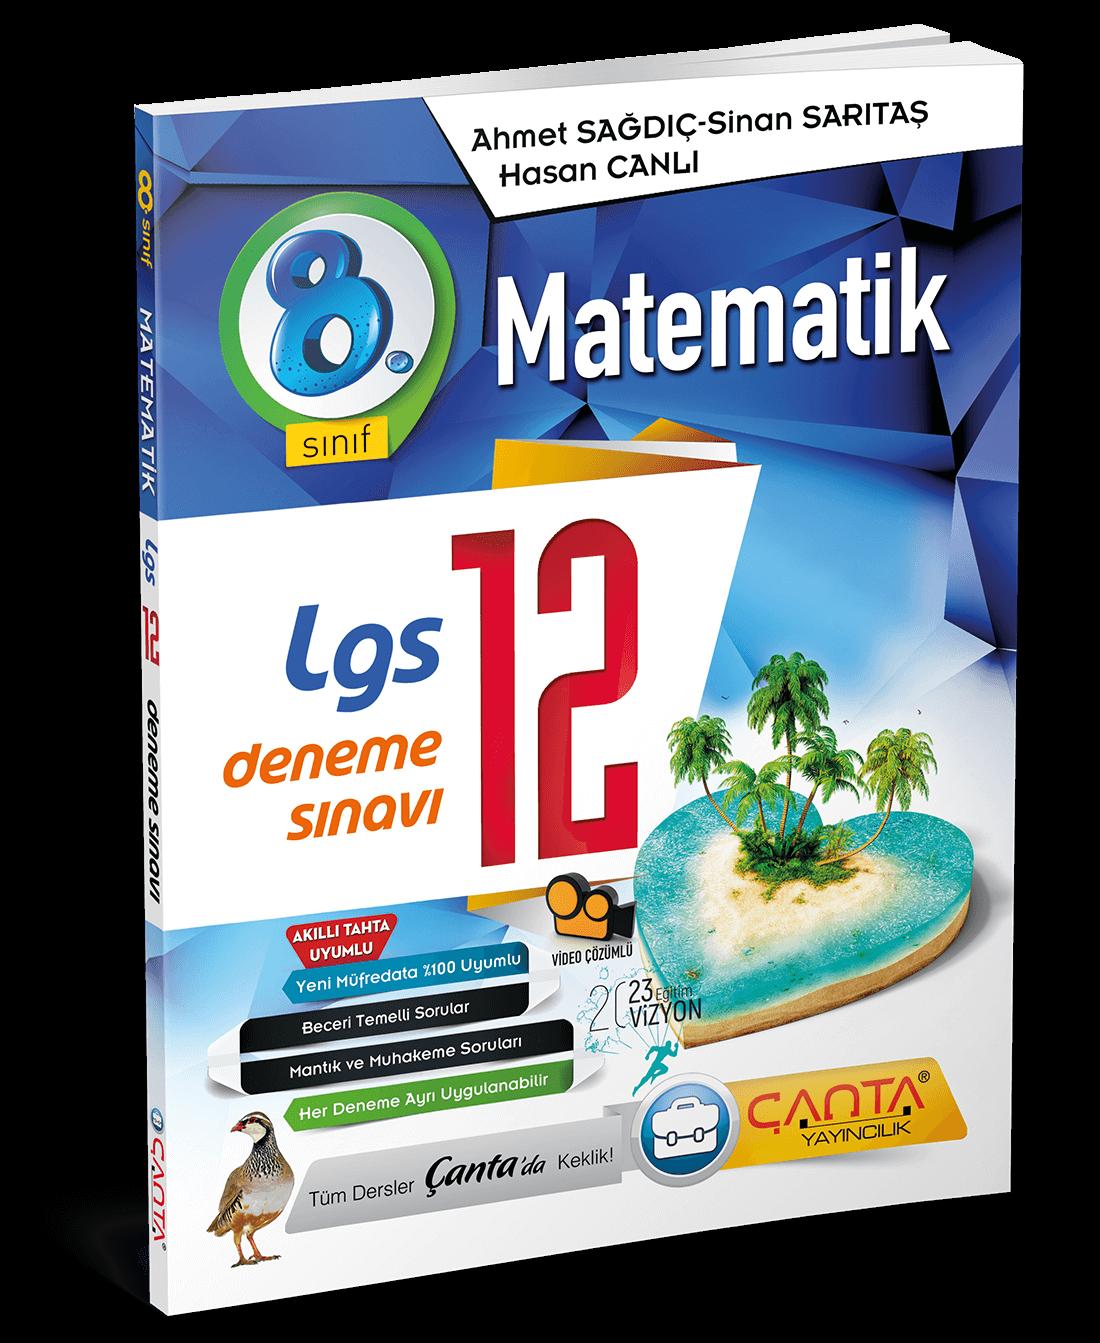 8. Sınıf – Matematik – LGS 12 Deneme Sınavı